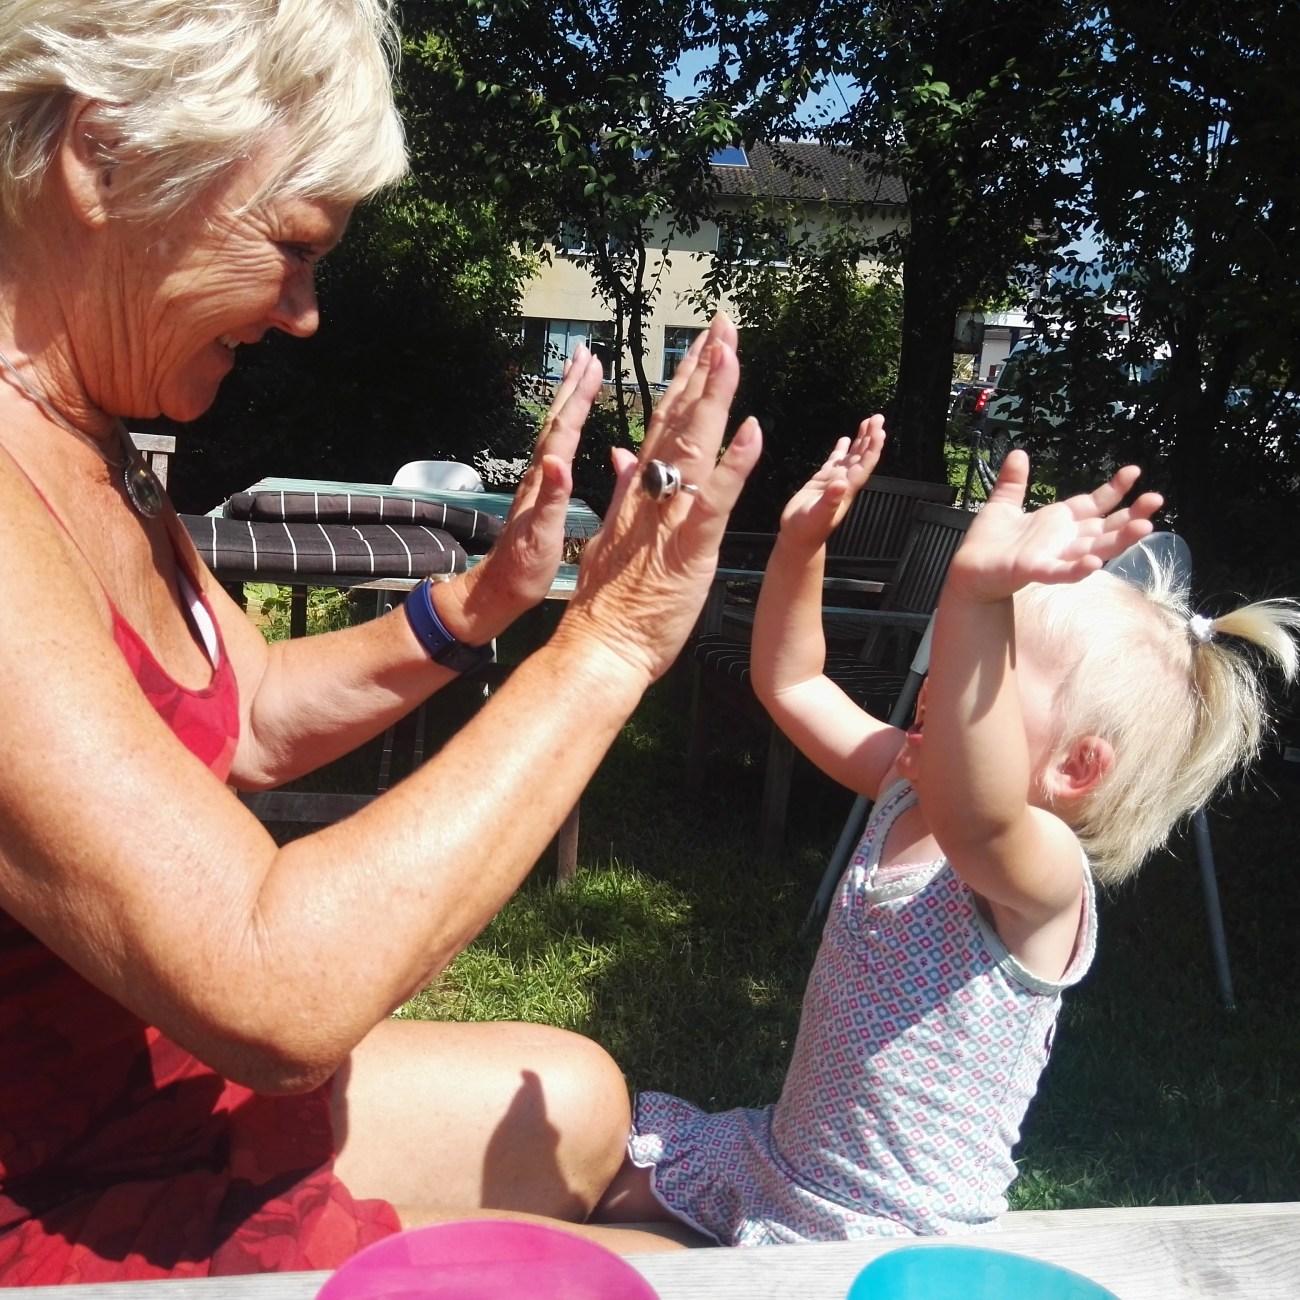 Oh en deze foto vind ik ook nog, papagaaitje leef je nog met oma!